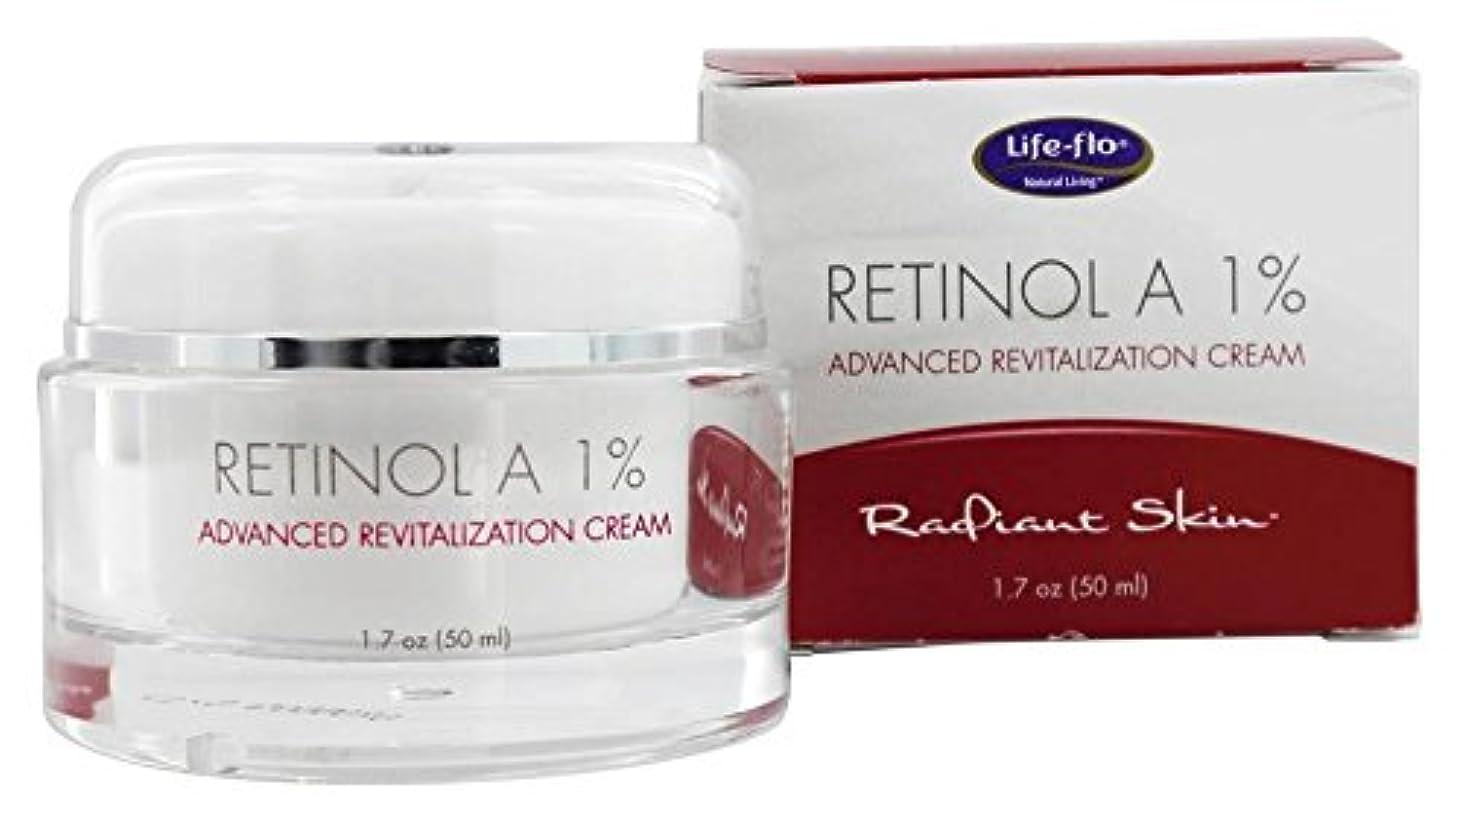 司法以下ヒープ海外直送品 Life-Flo Retinol A 1% Advanced Revitalization Cream, 1.7 oz